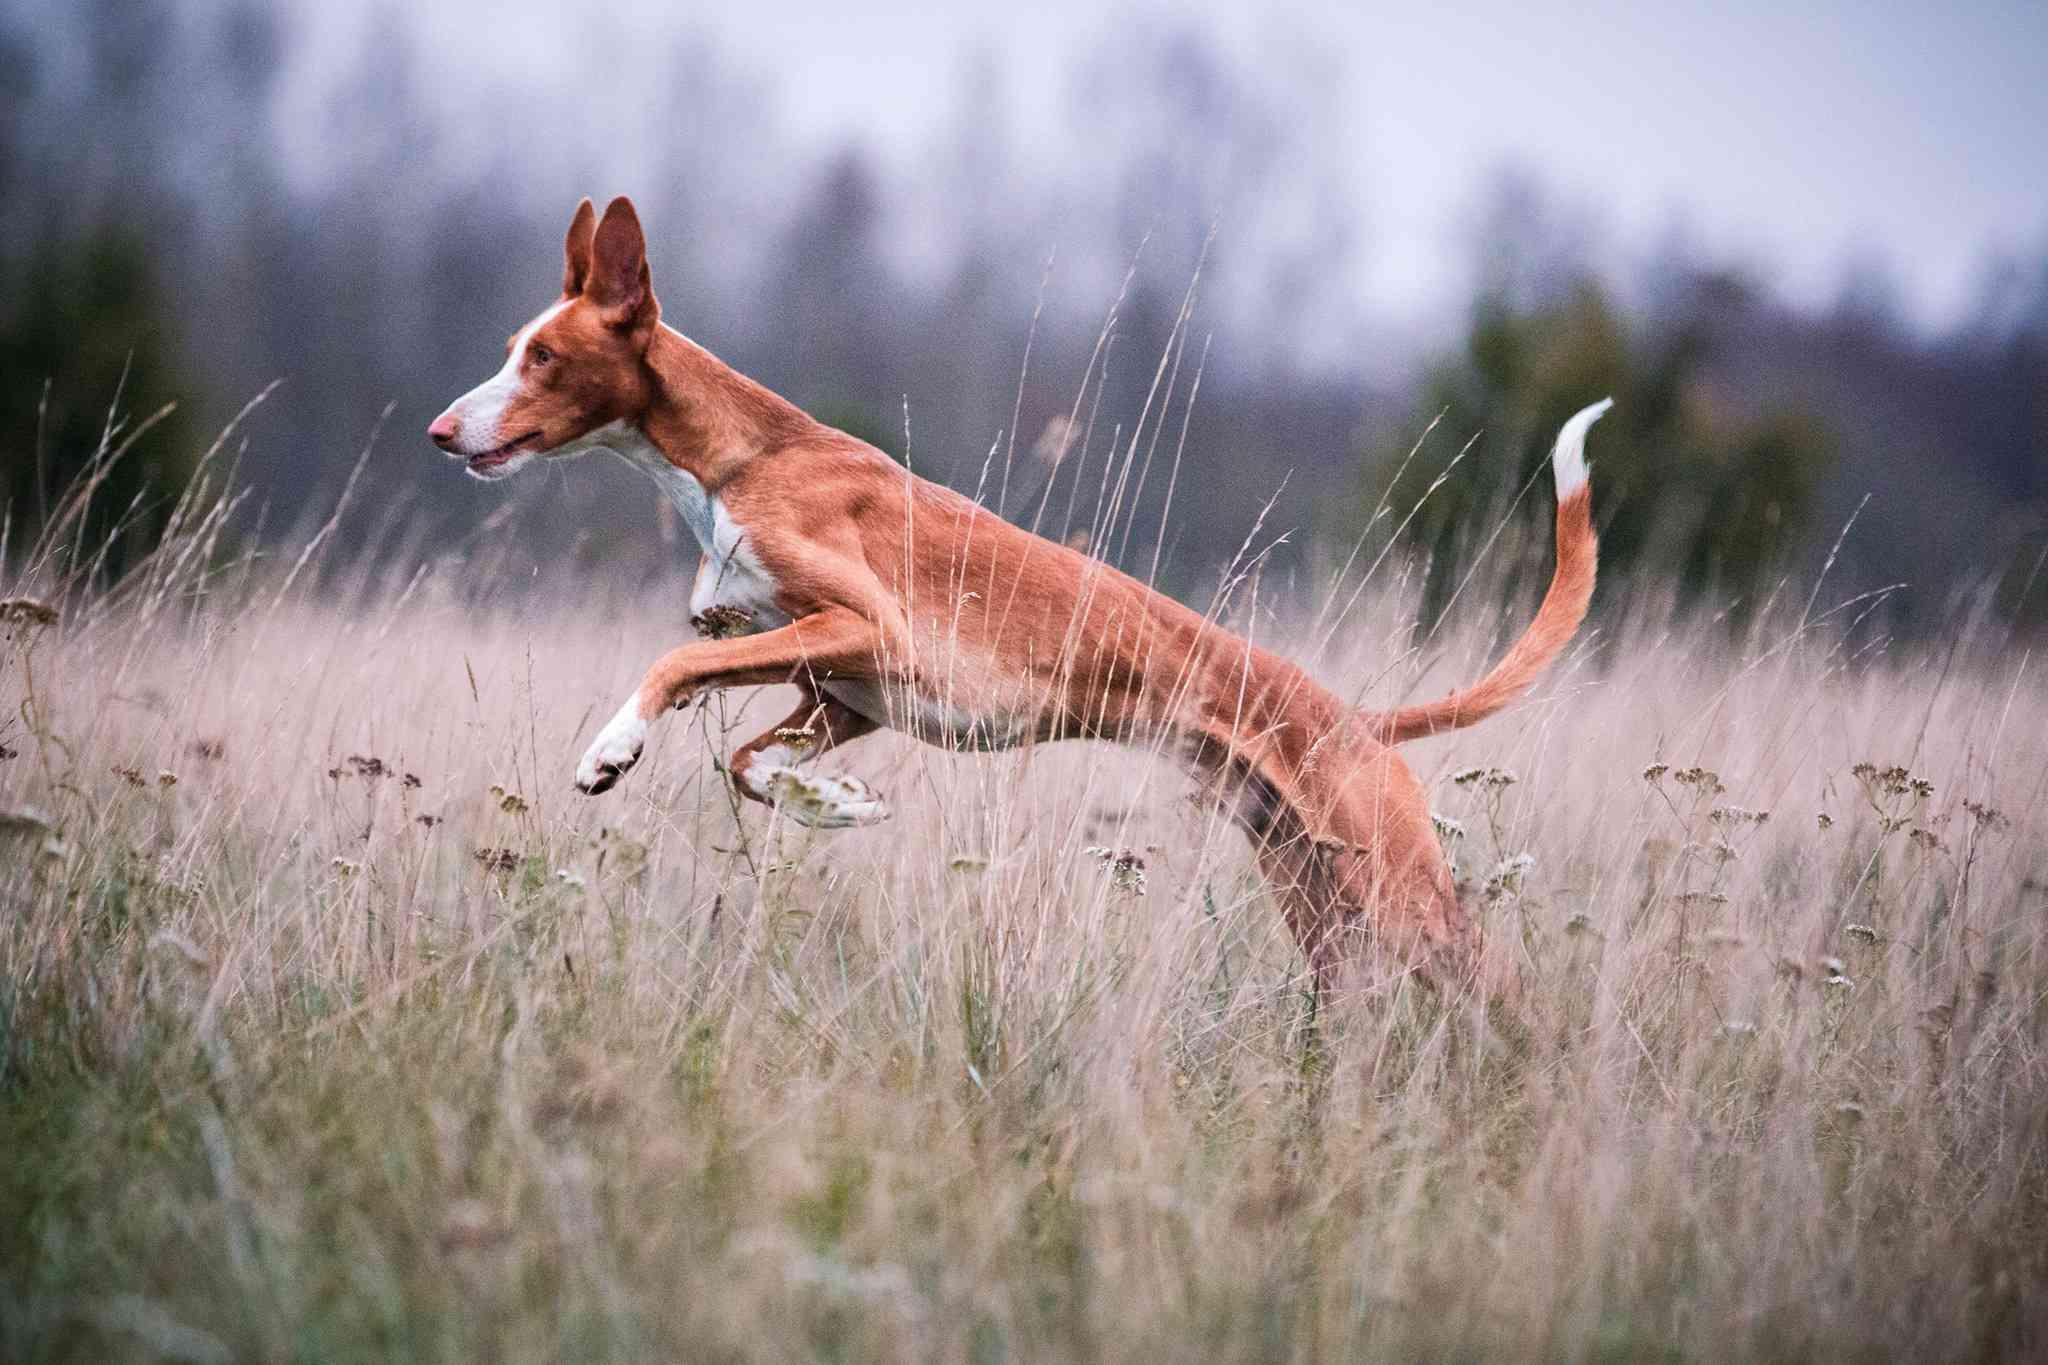 Ibizan Hound running through long grass